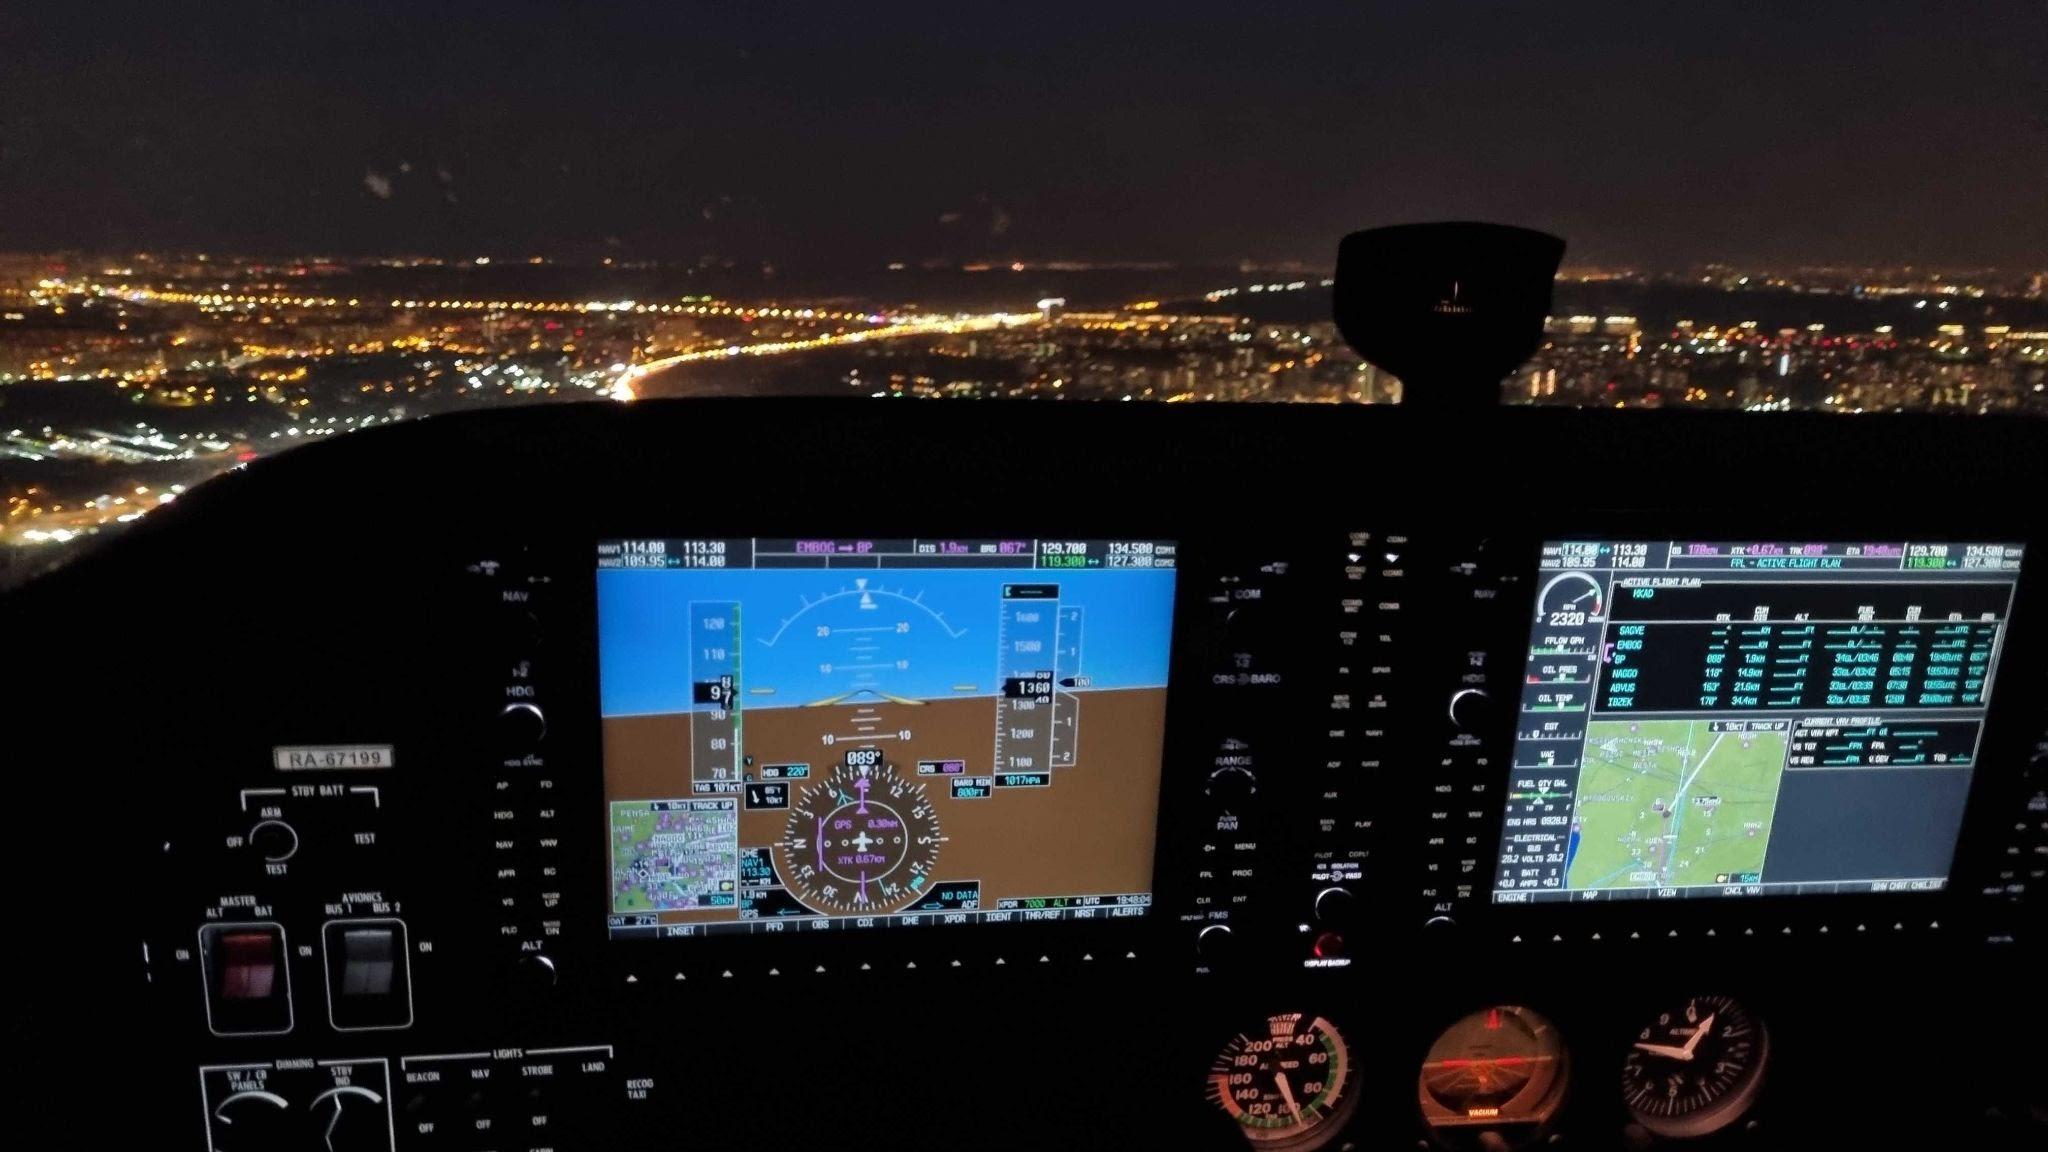 Обучение на частного пилота в России. Личный опыт - 9